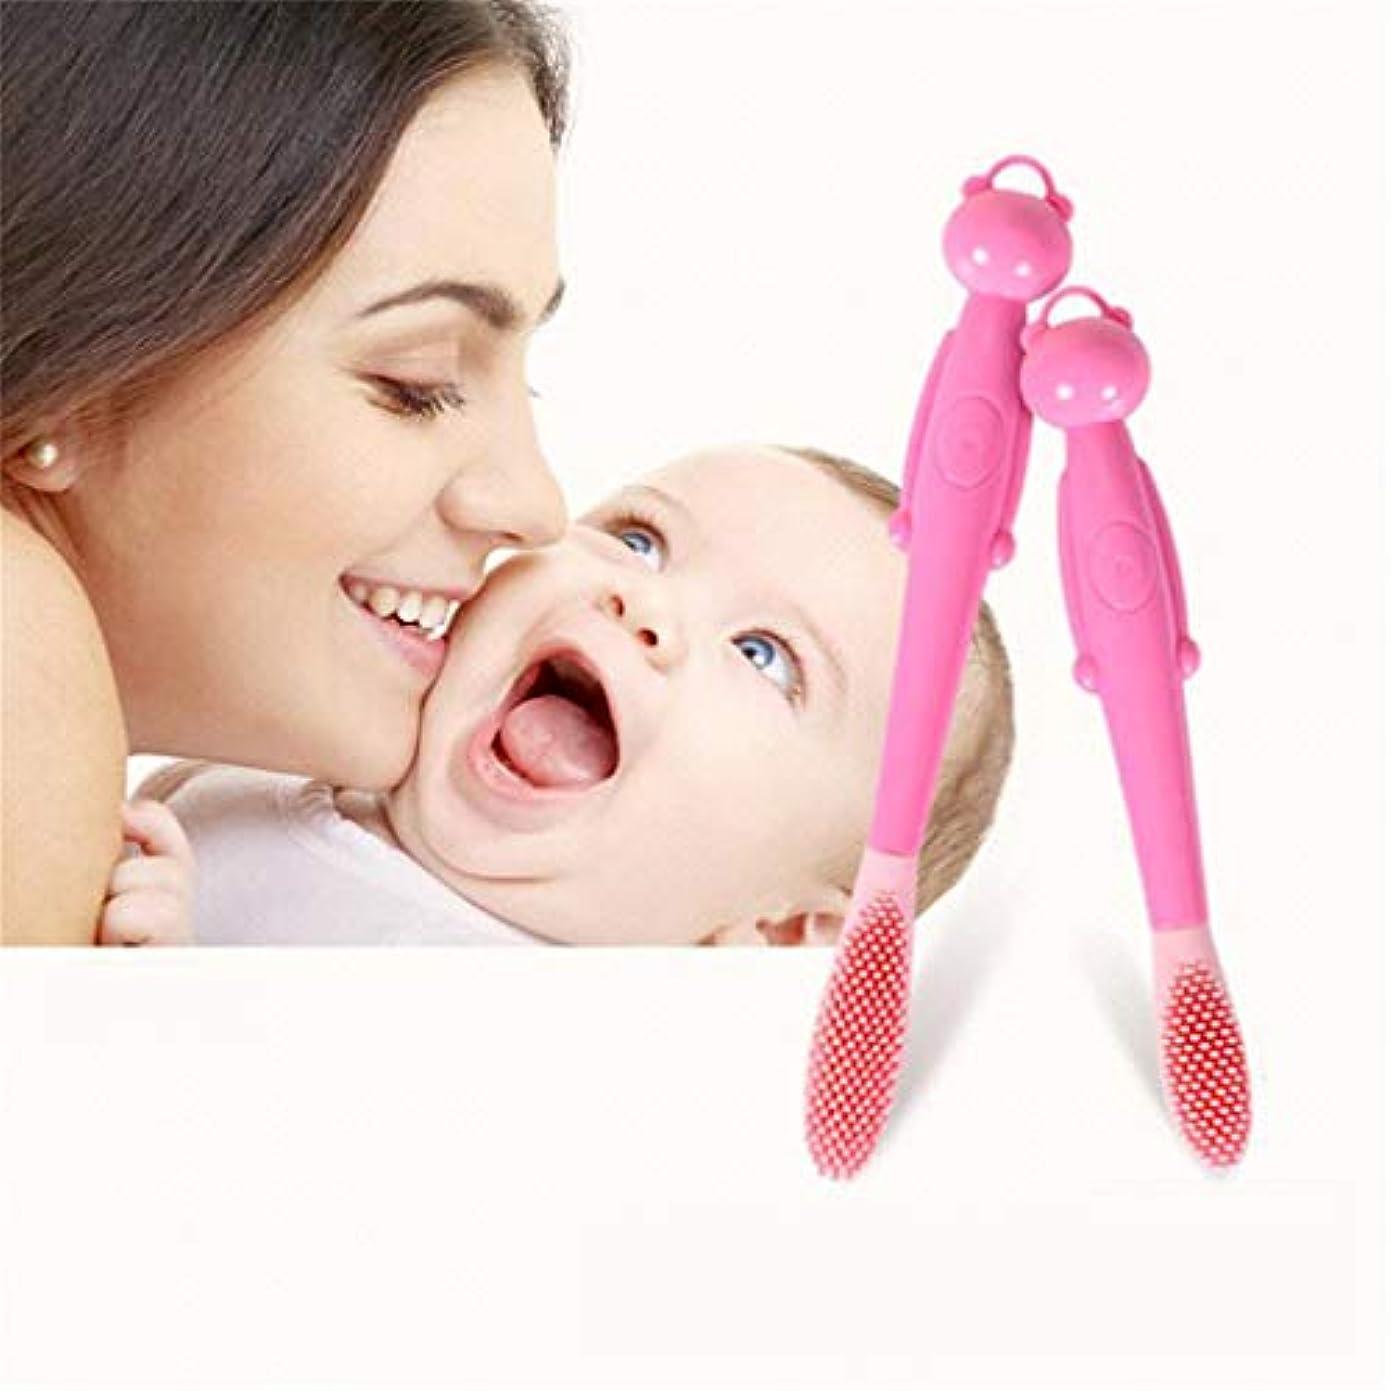 砂ニュース嬉しいですJIOLK ベビー幼児シリコーンソフト歯ブラシ ベビー歯ブラシ 0-1-2-3歳 子供用ミルク歯ブラシ